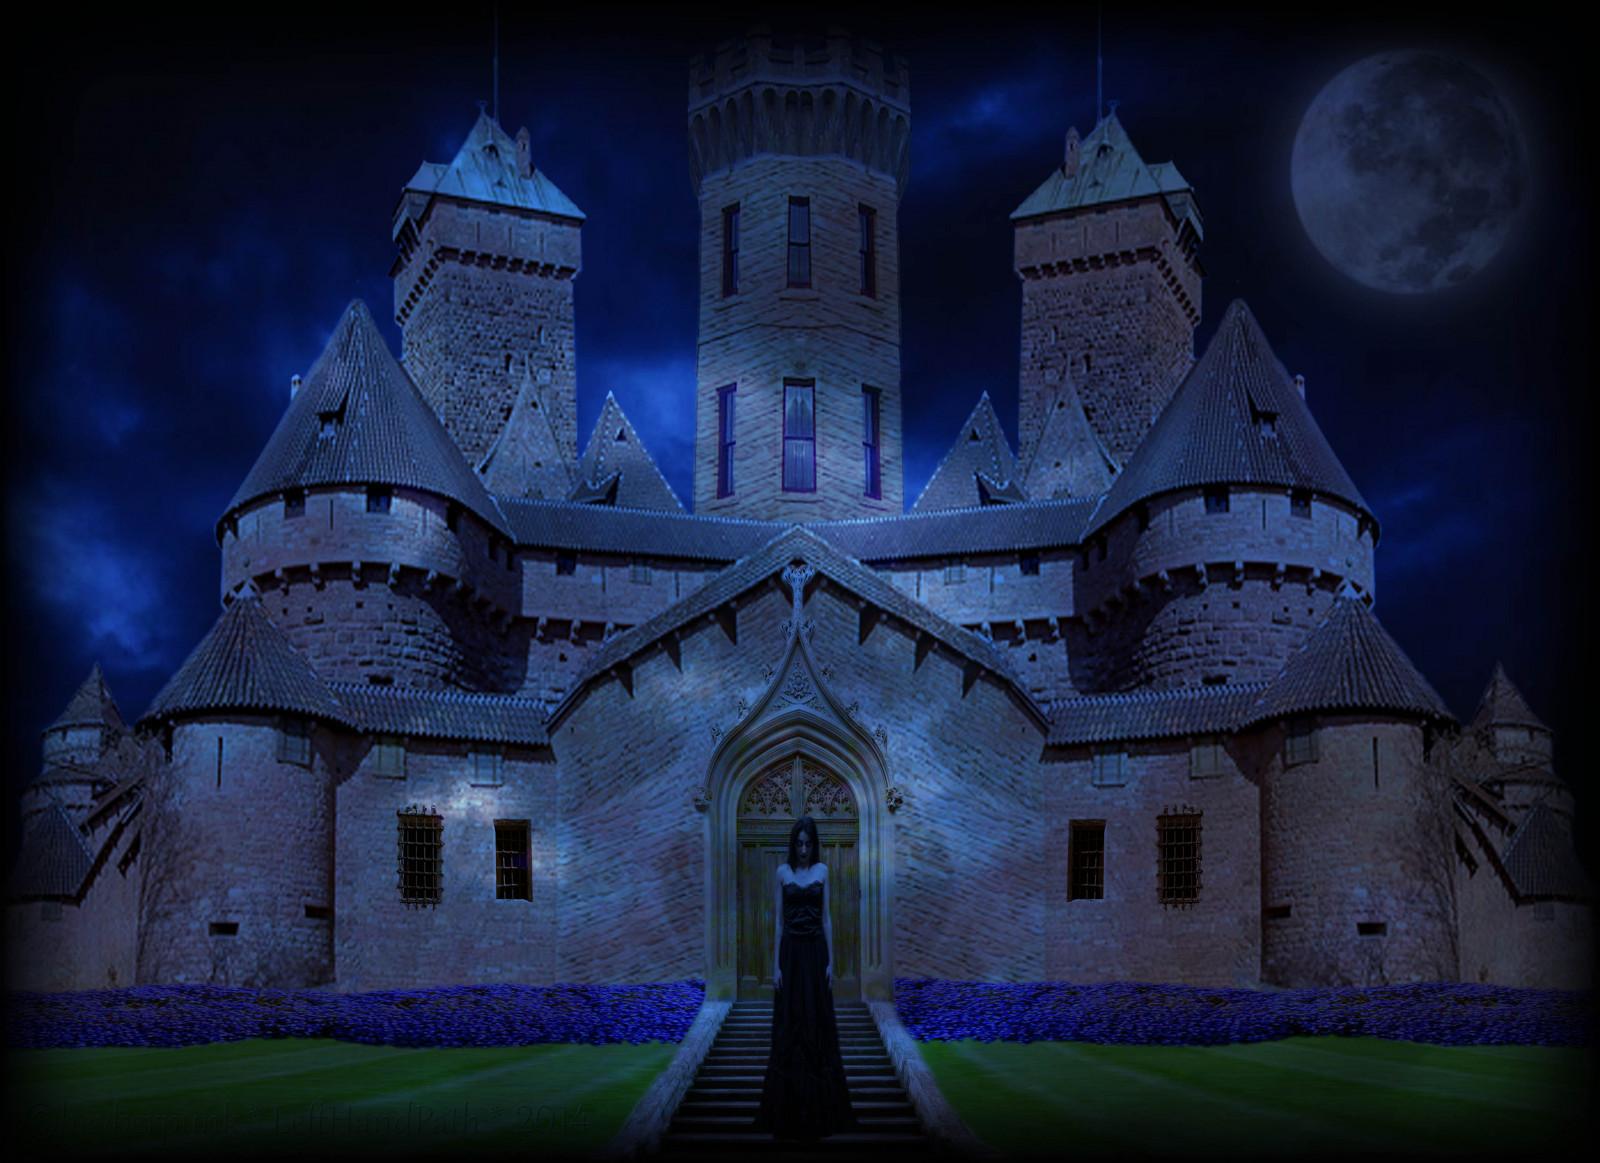 hintergrundbilder schwarz nacht die architektur geb ude gras lila symmetrie surreal. Black Bedroom Furniture Sets. Home Design Ideas